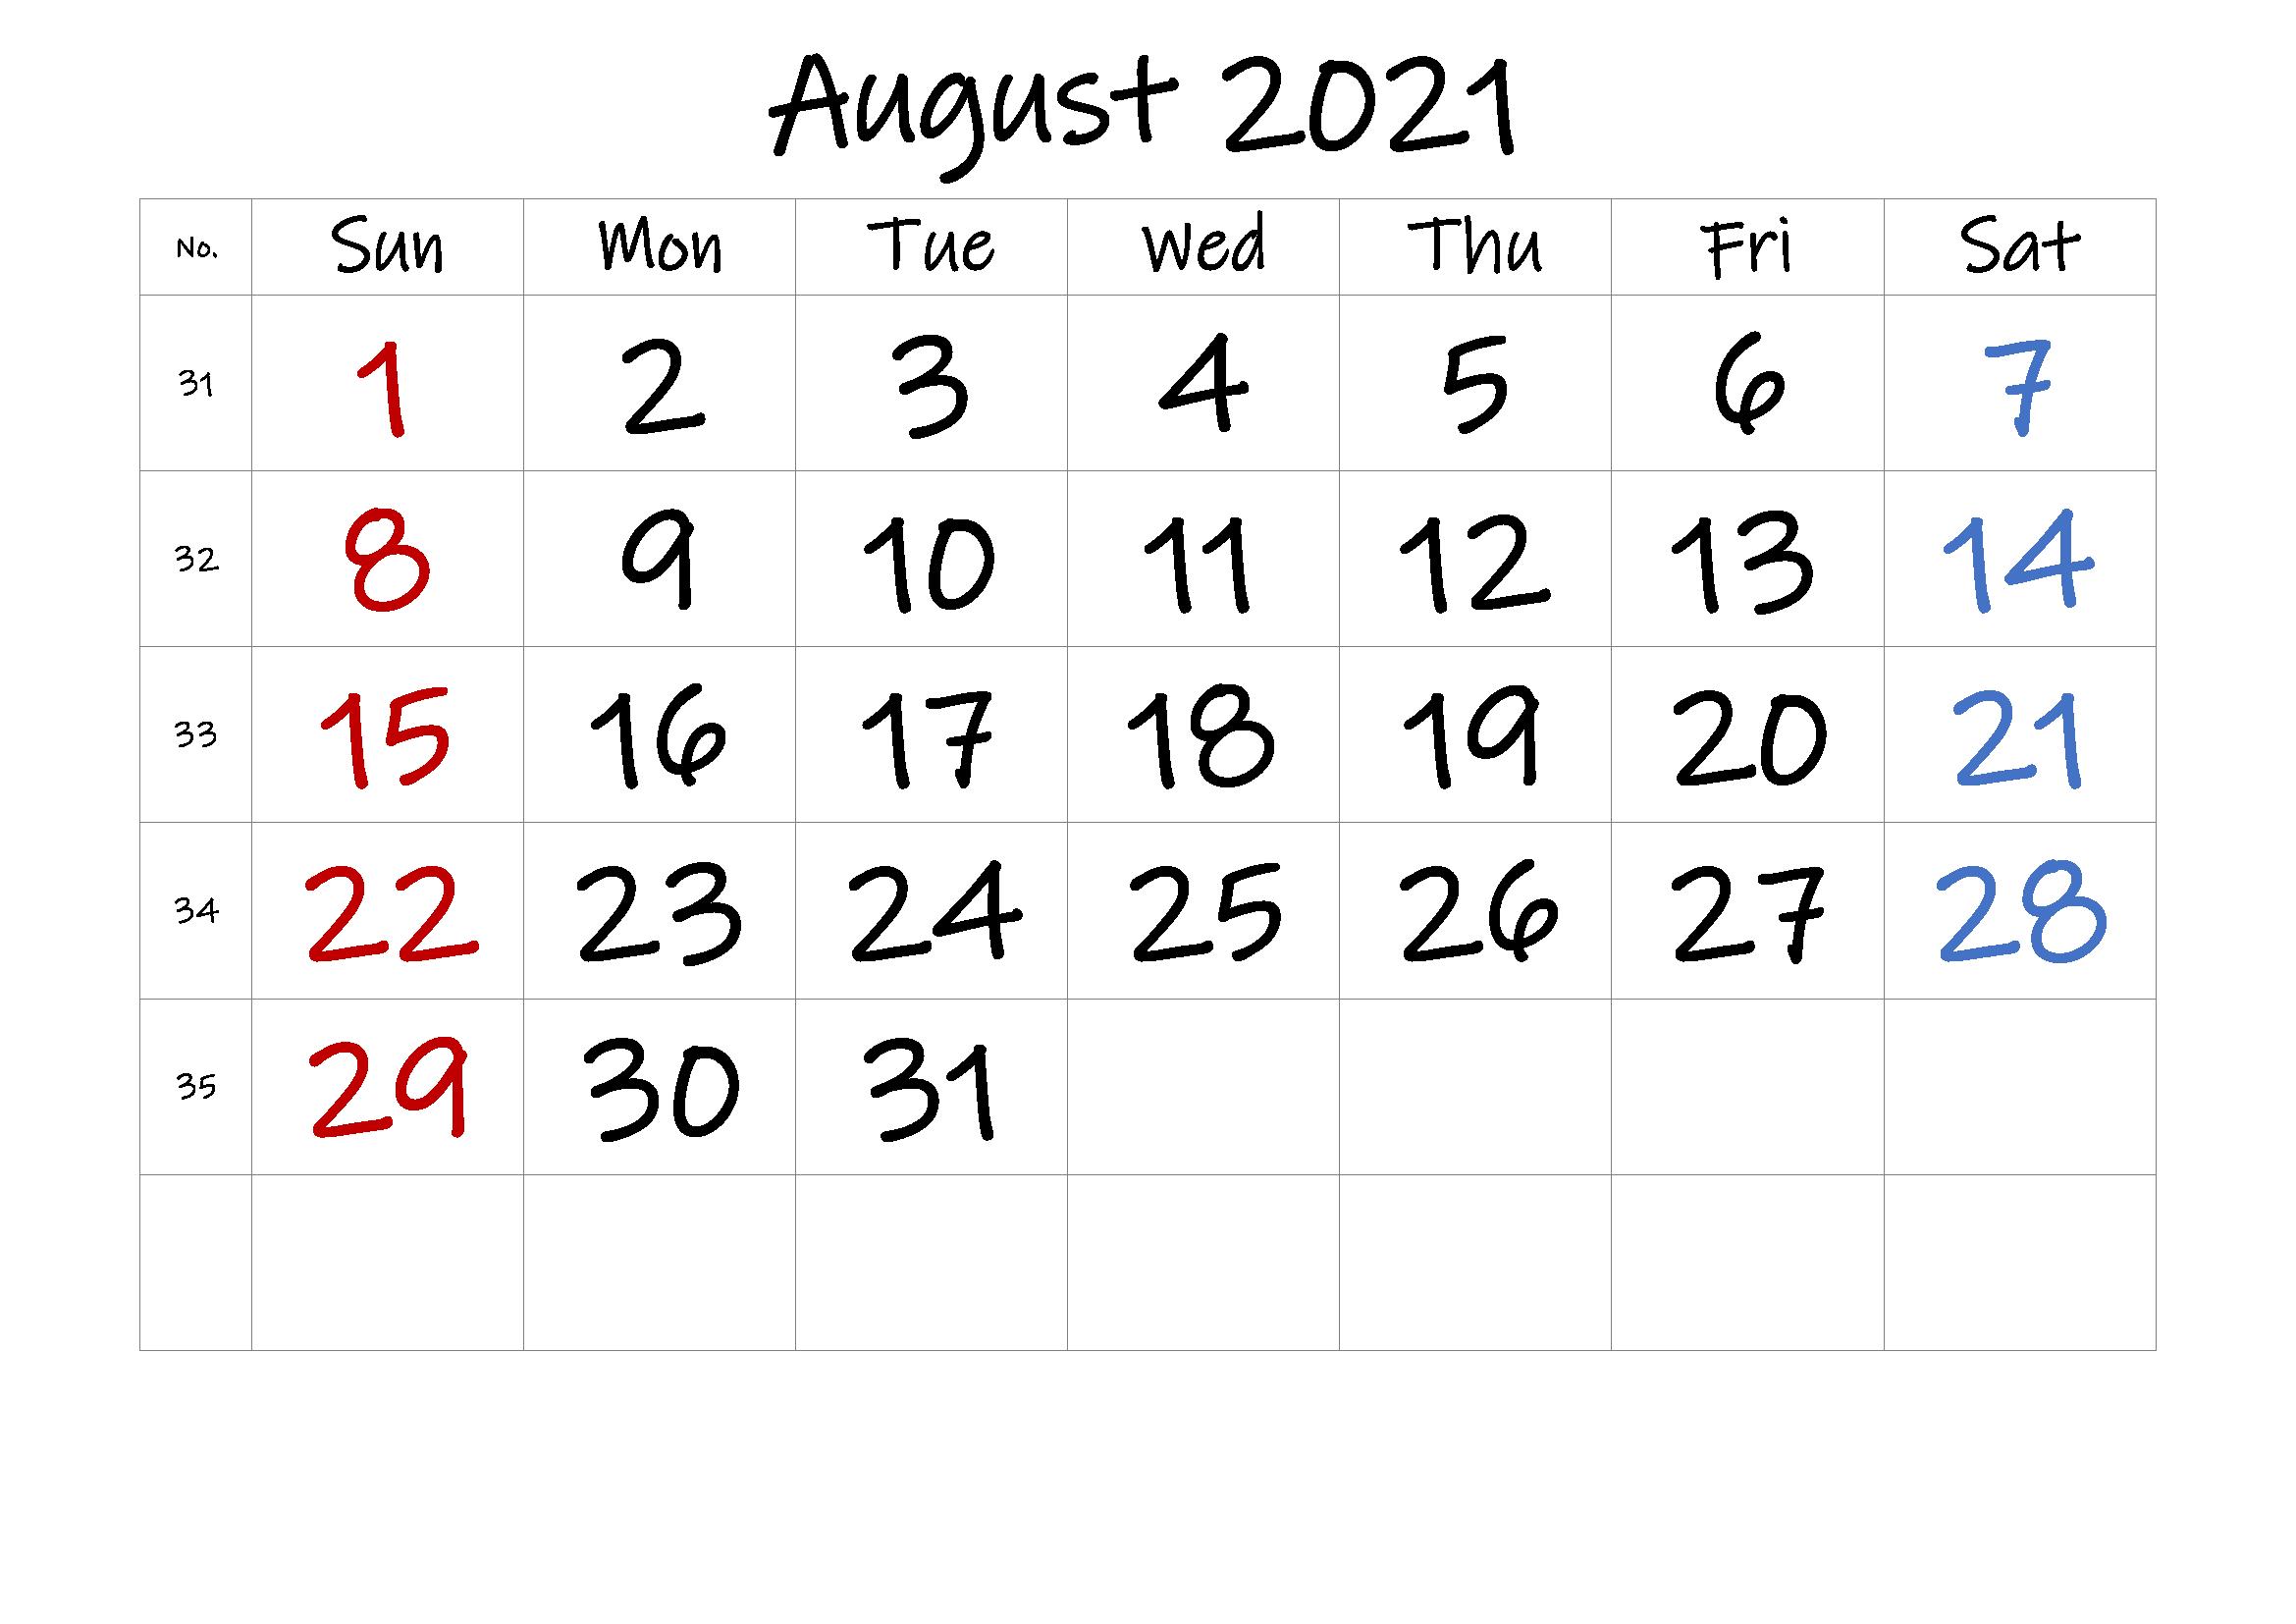 August 2021 Calendar Fillable